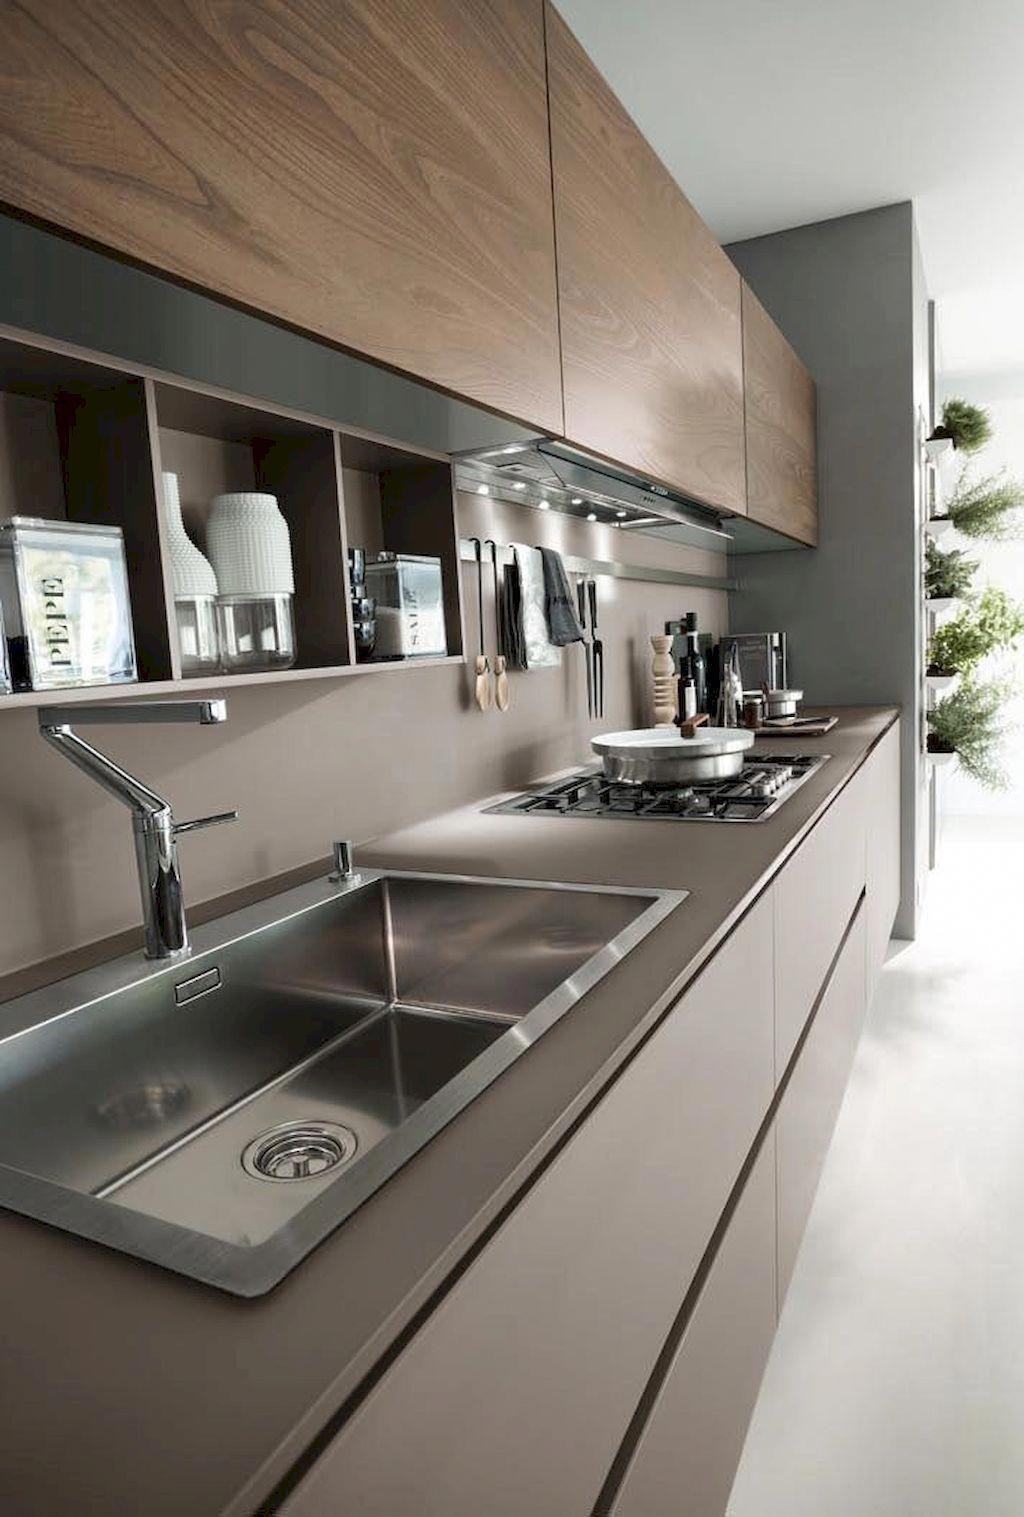 Küchenideen grau kitchendesigns  küchen ideen  pinterest  moderne küche küchen